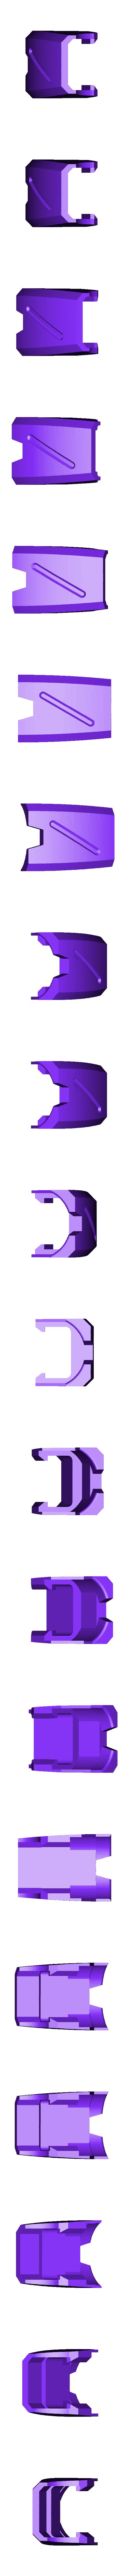 LegT2_Left_08_OliveGreen.stl Download STL file Heavy Gun Walker • 3D print design, Jwoong